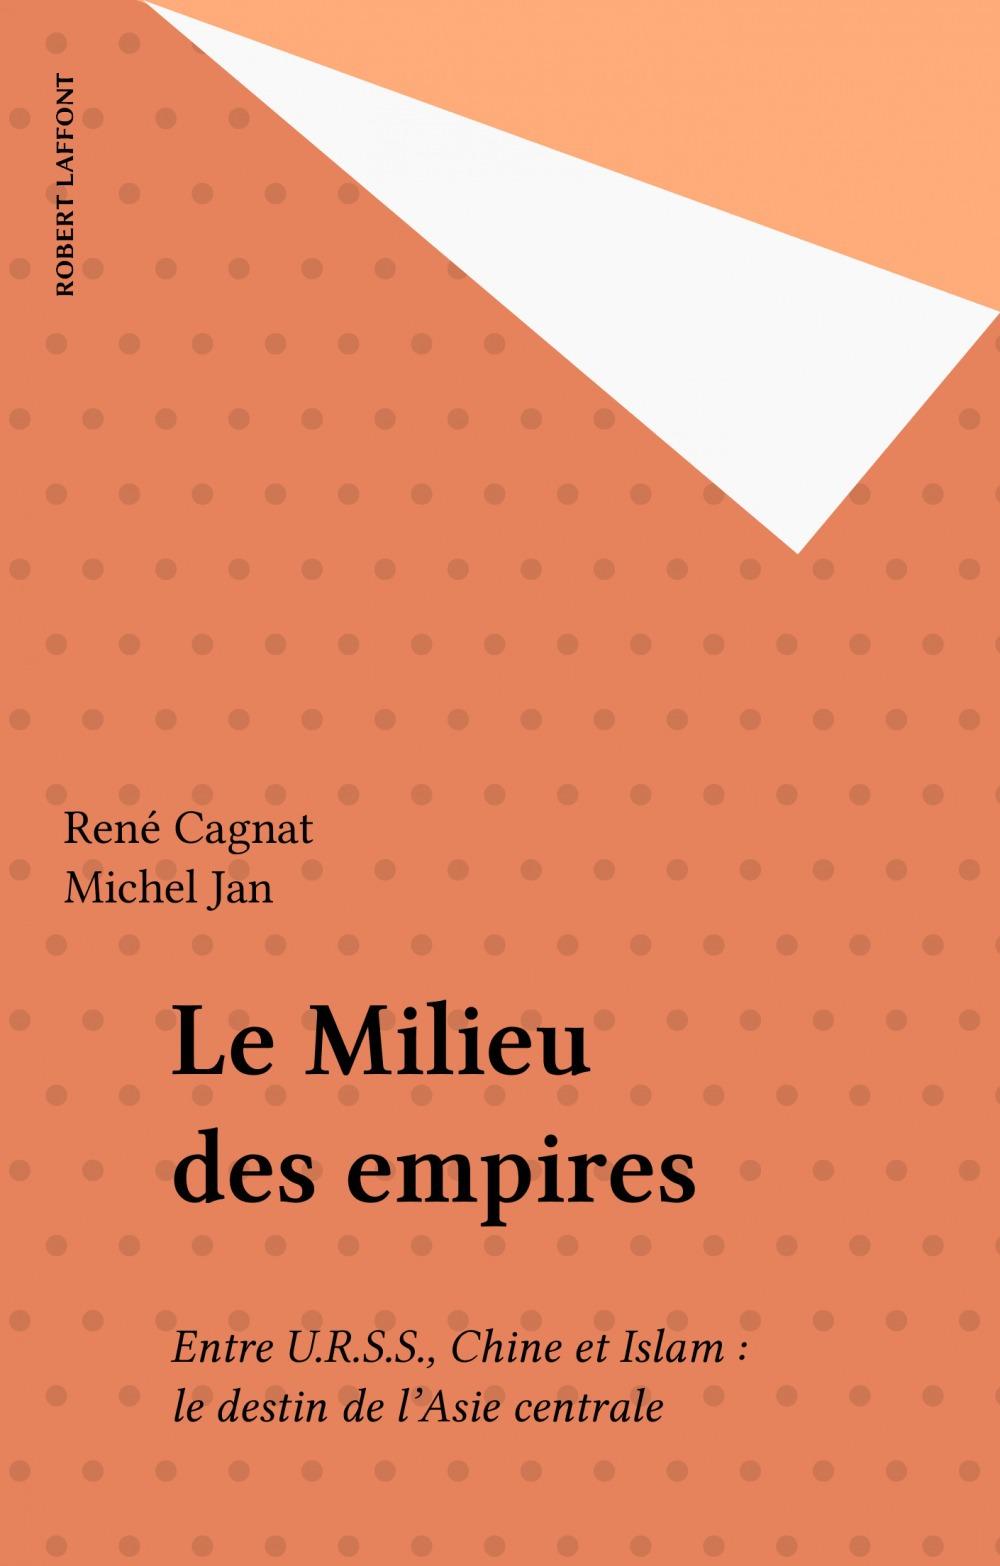 Le milieu des empires - ne